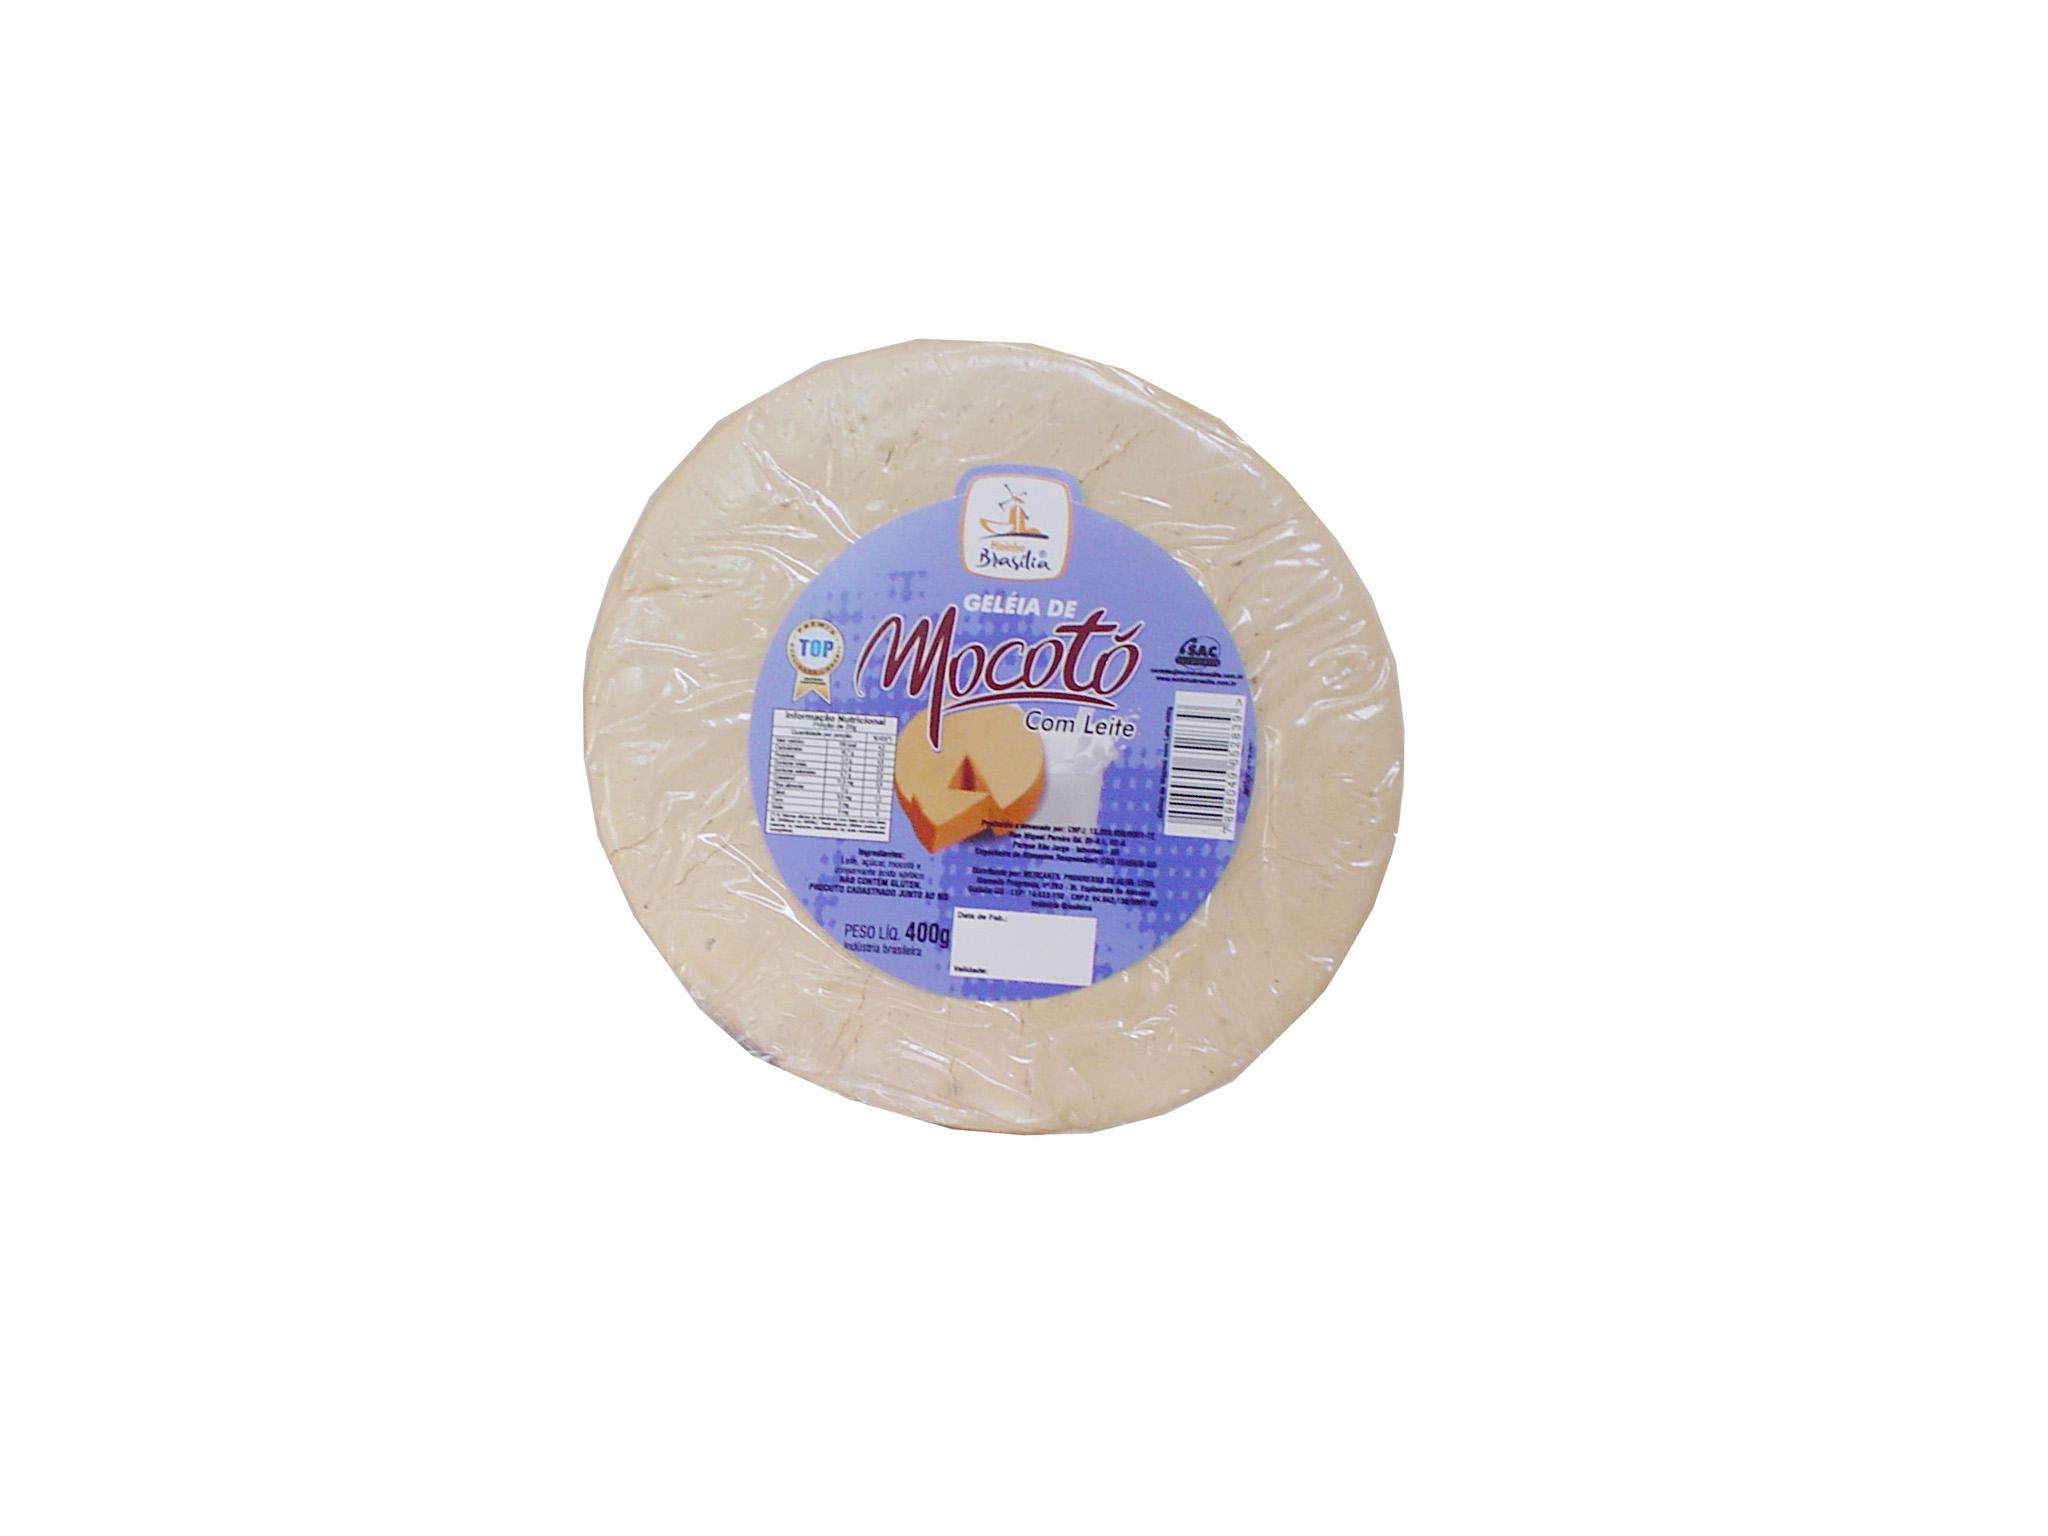 Cod.439-Geleia de mocoto com leite 400g